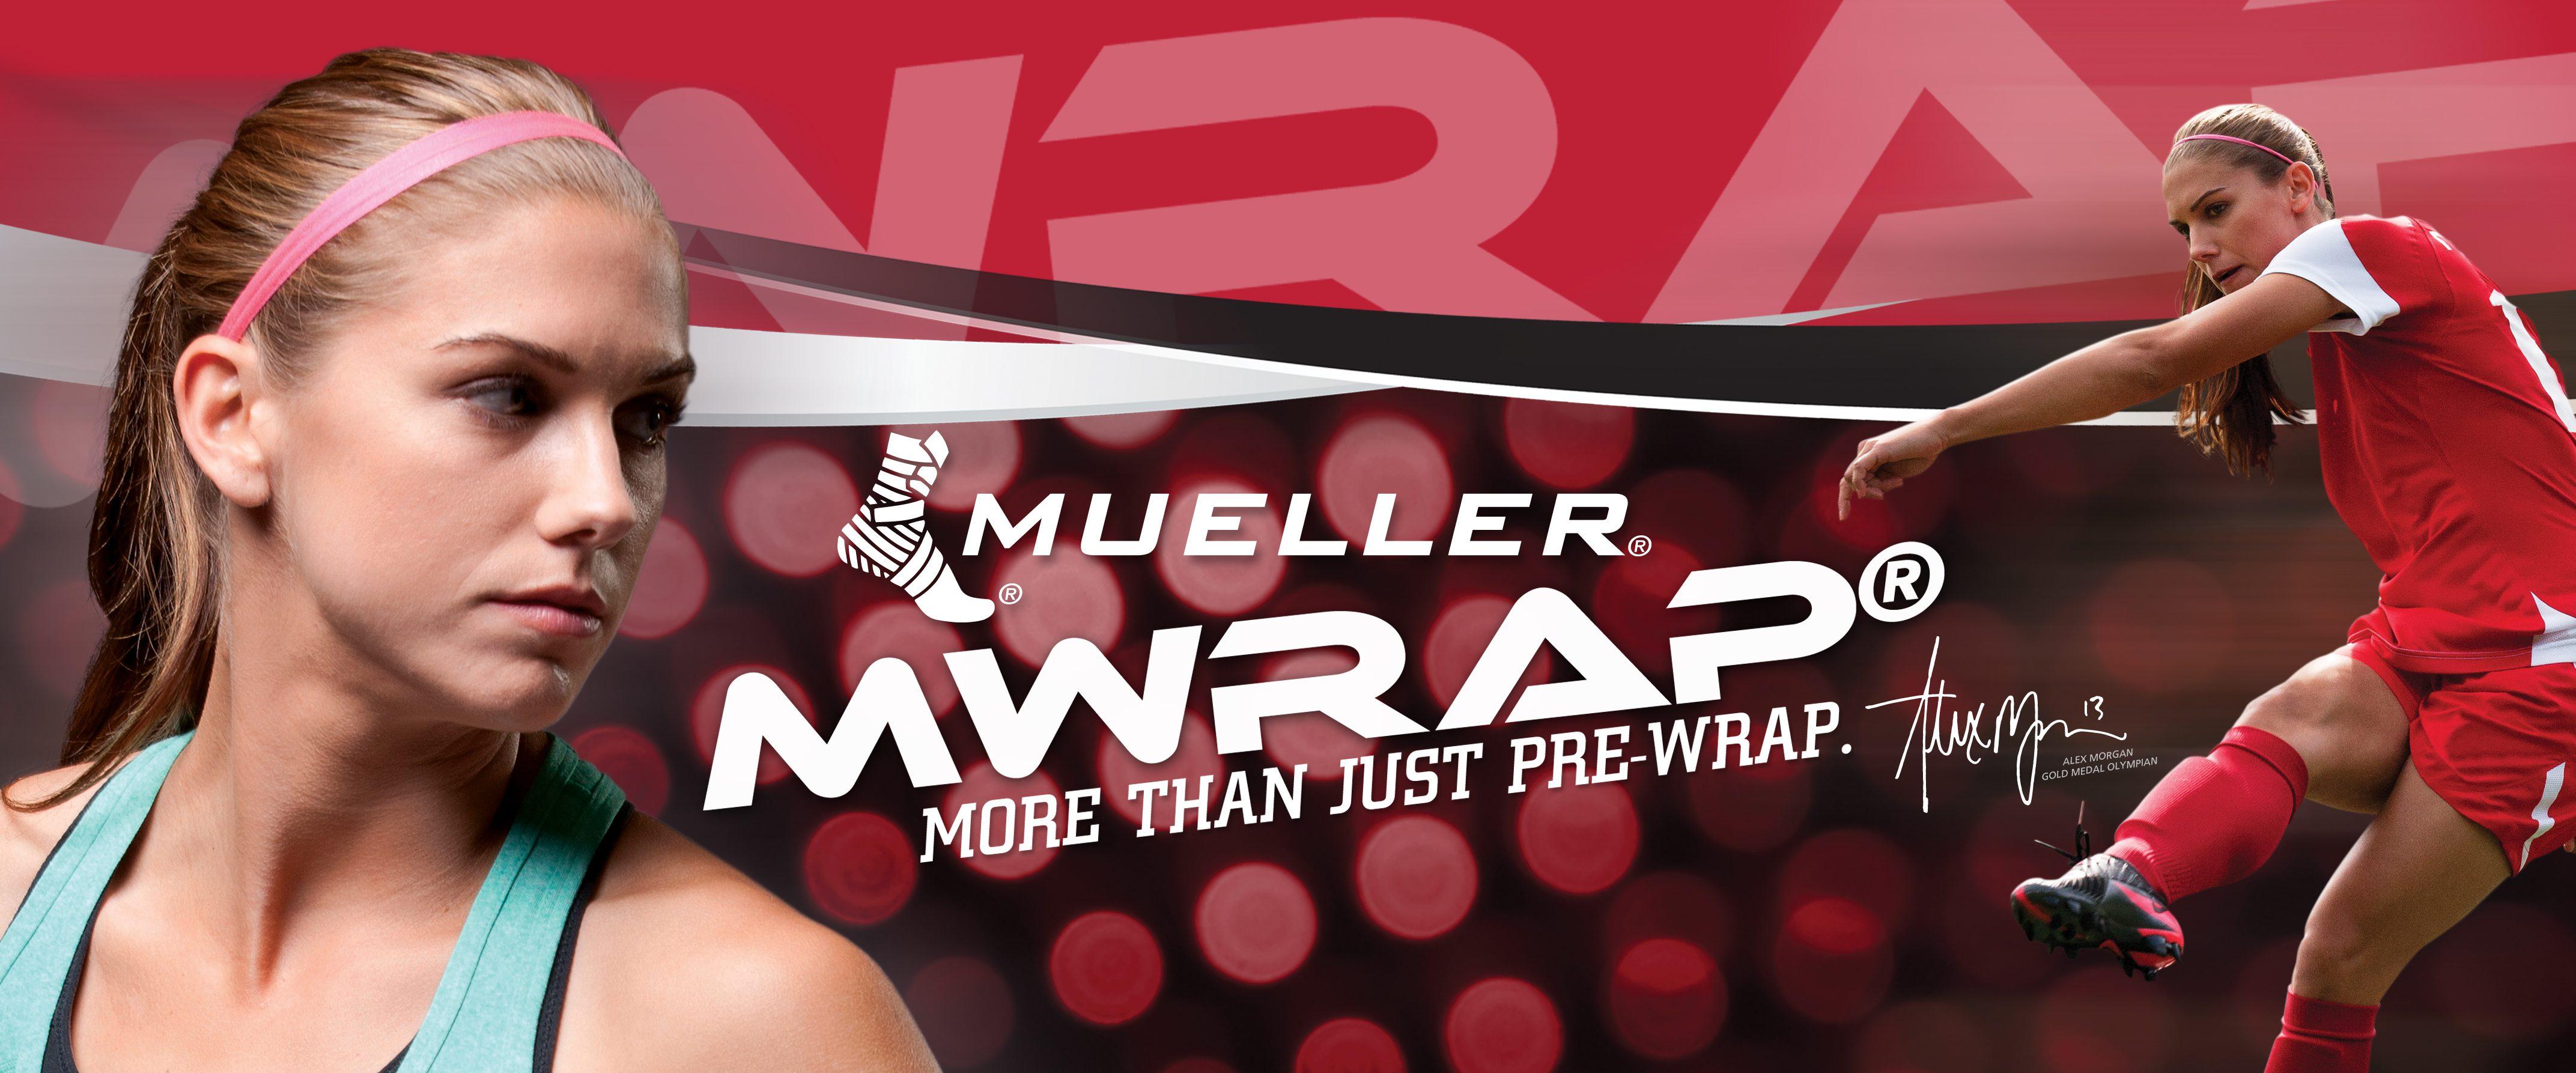 MuellerMWrap